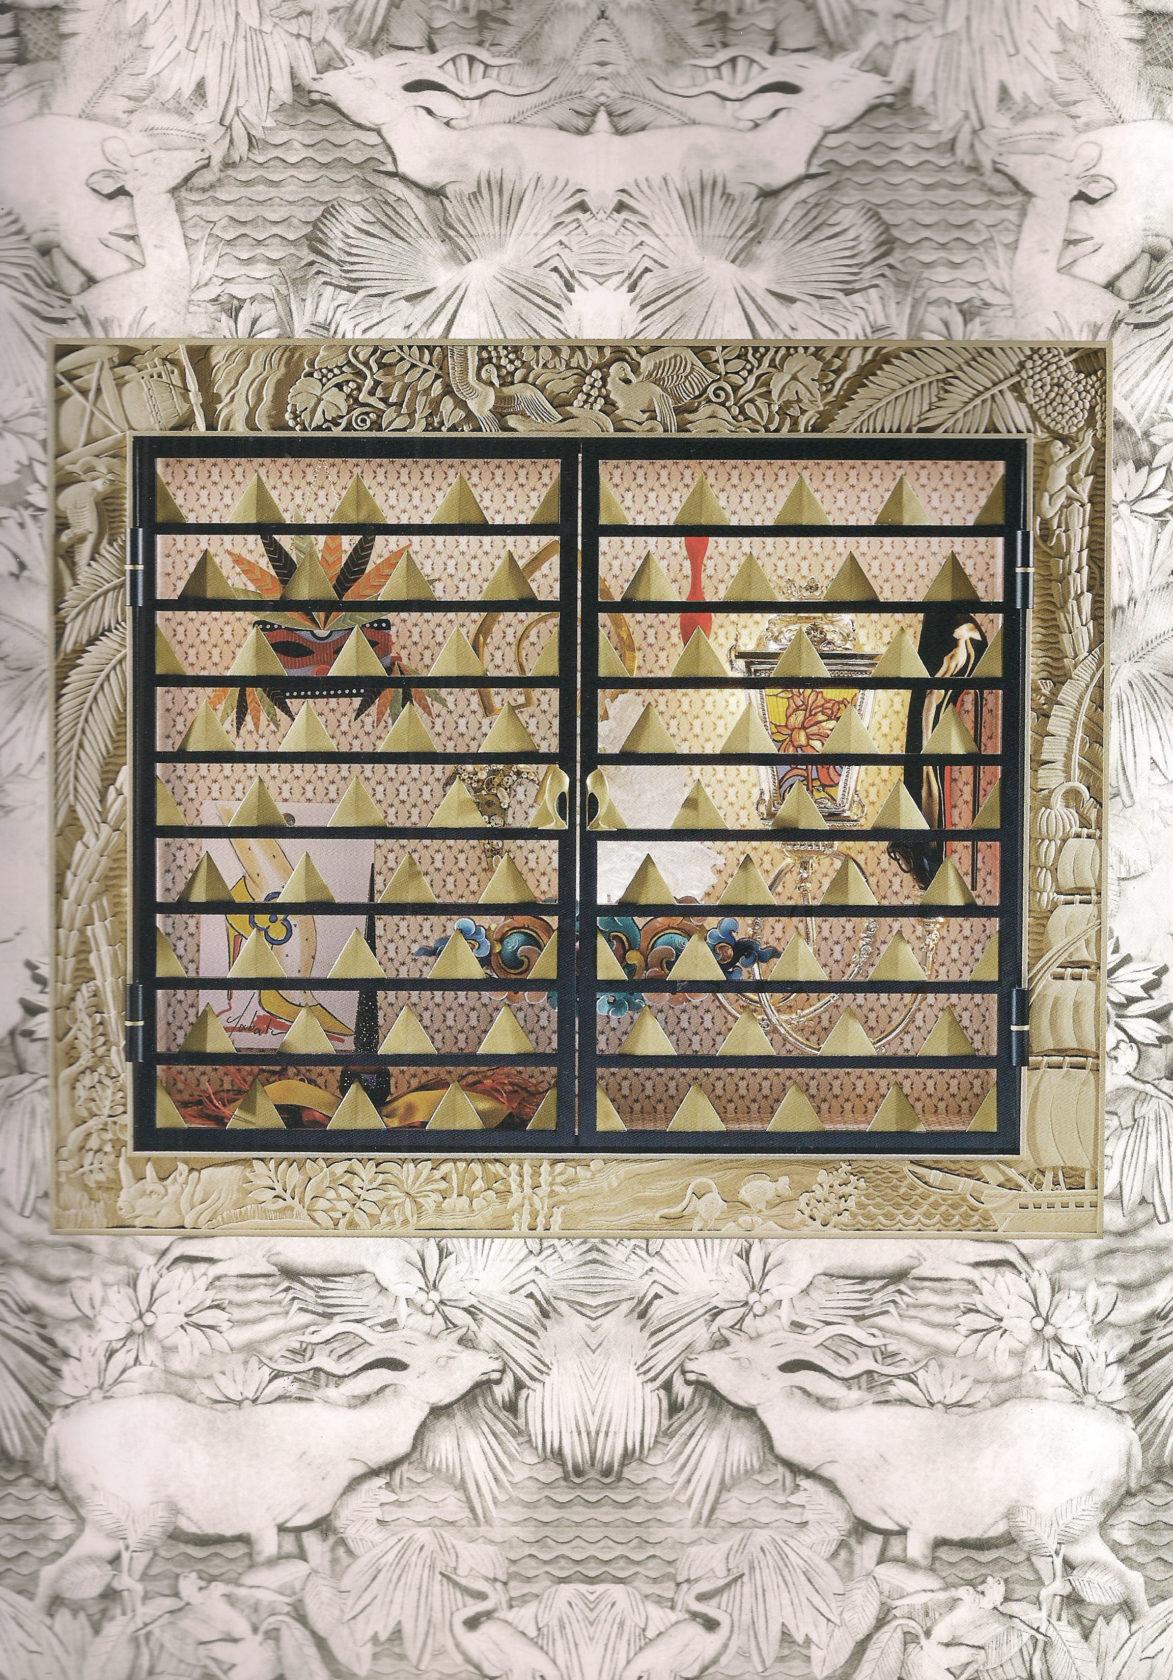 Ludovic AVENEL cabinet maker Paris -  Louboutin exposition cabinet de curiosité